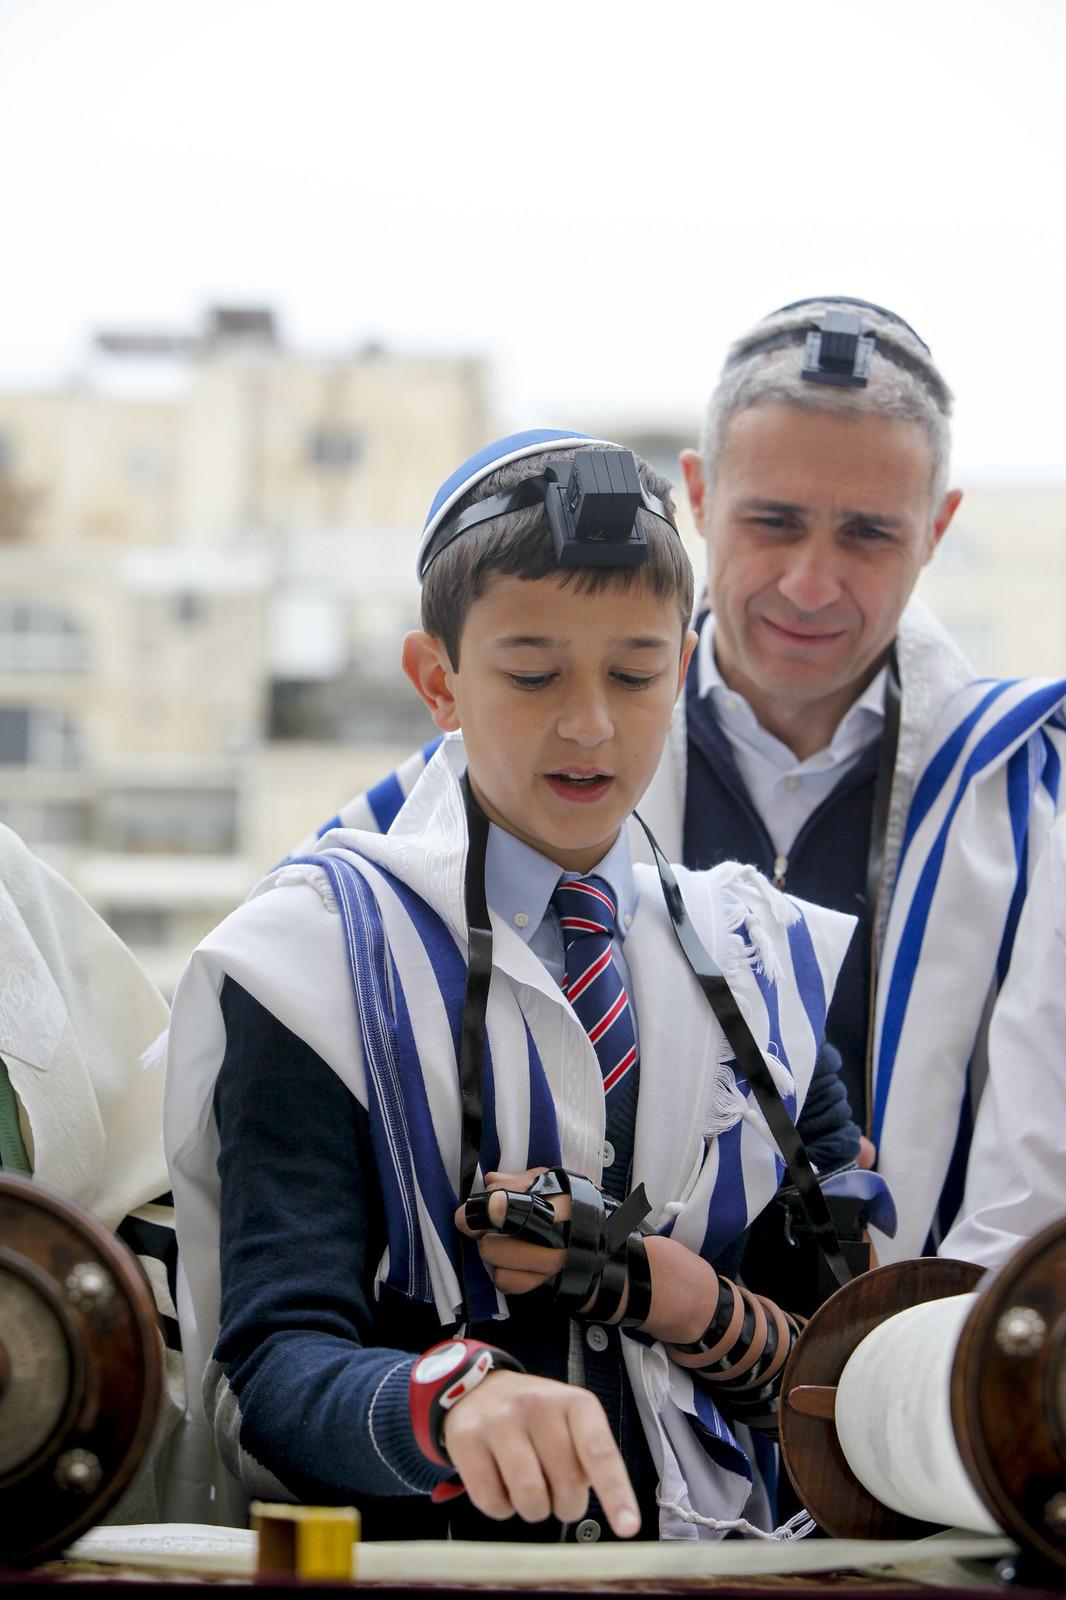 Bar Mitzvah 5_Jerusalem_9671_Yonatan Sindel_Flash 90_IMOT